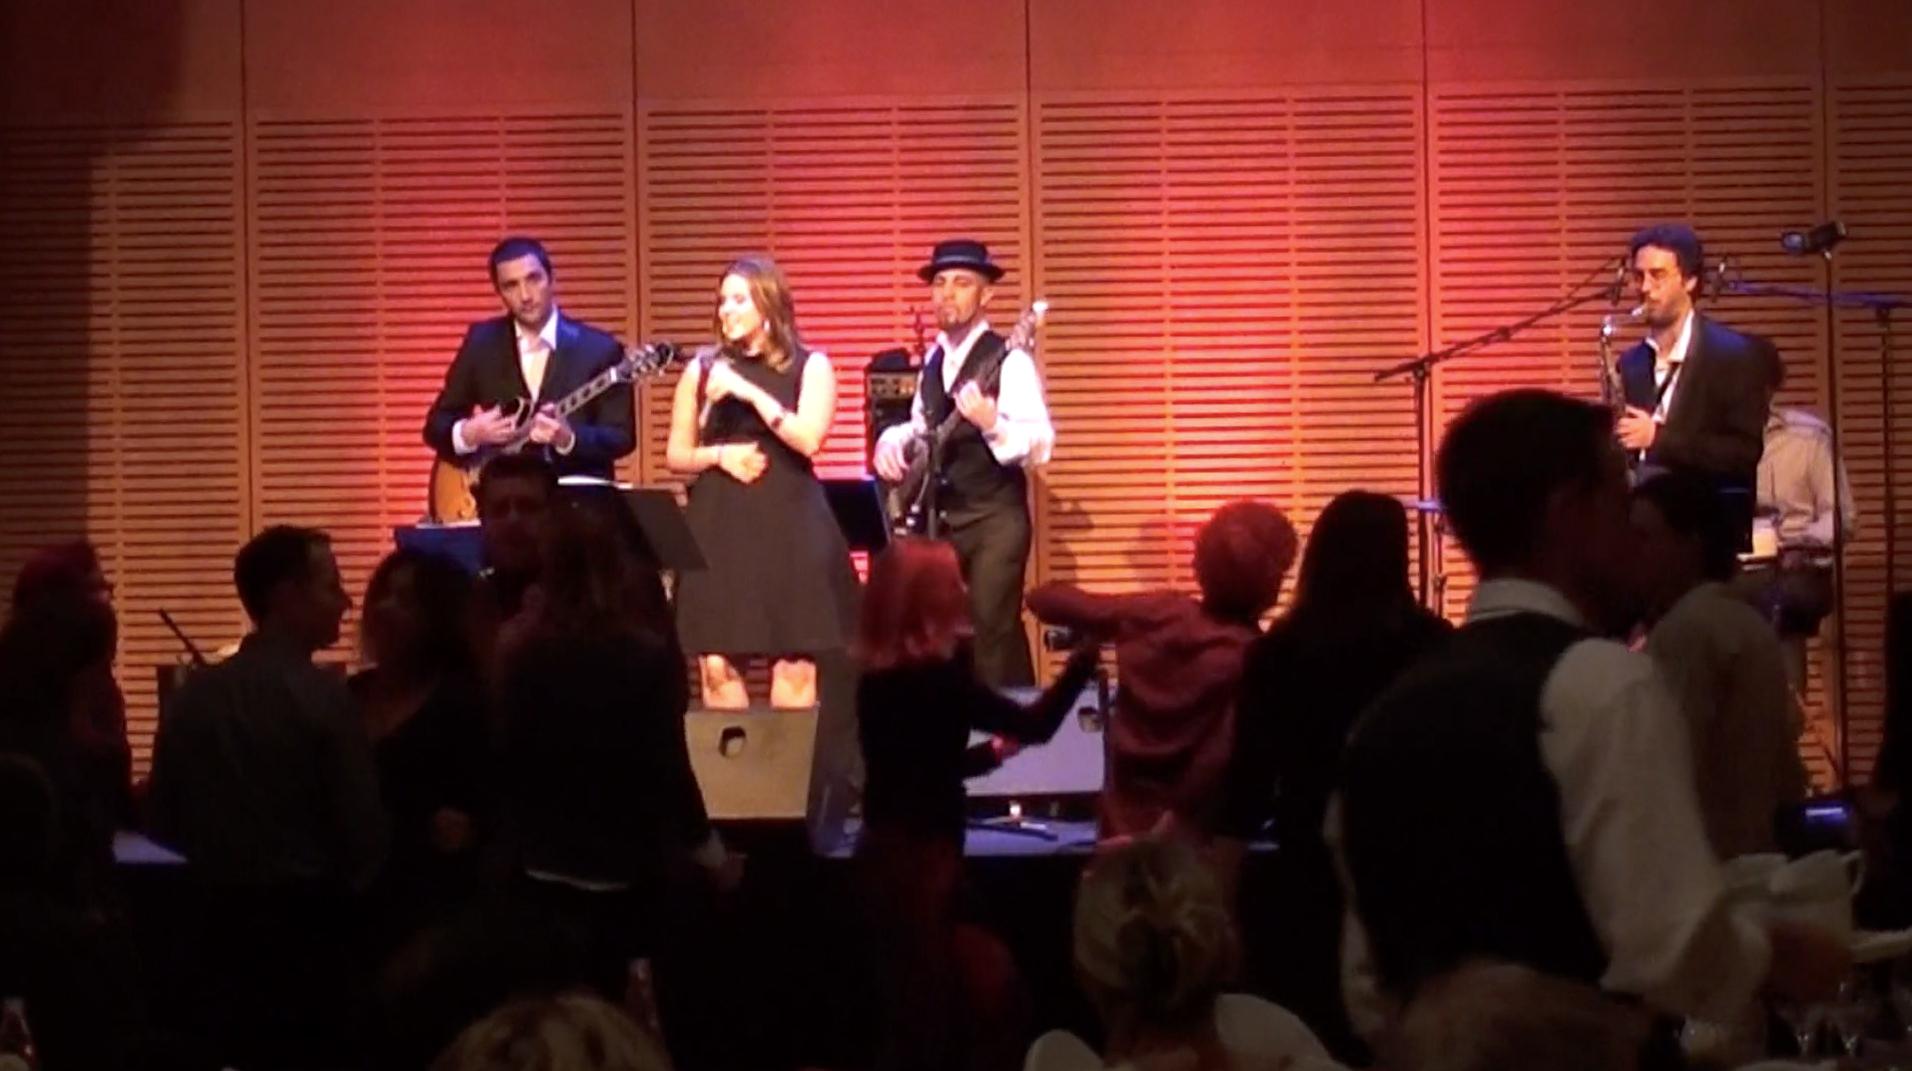 Chanteuse jazz et soul funk, orchestre de musique mariage Lyon, ambiance cocktail et soirée dansante